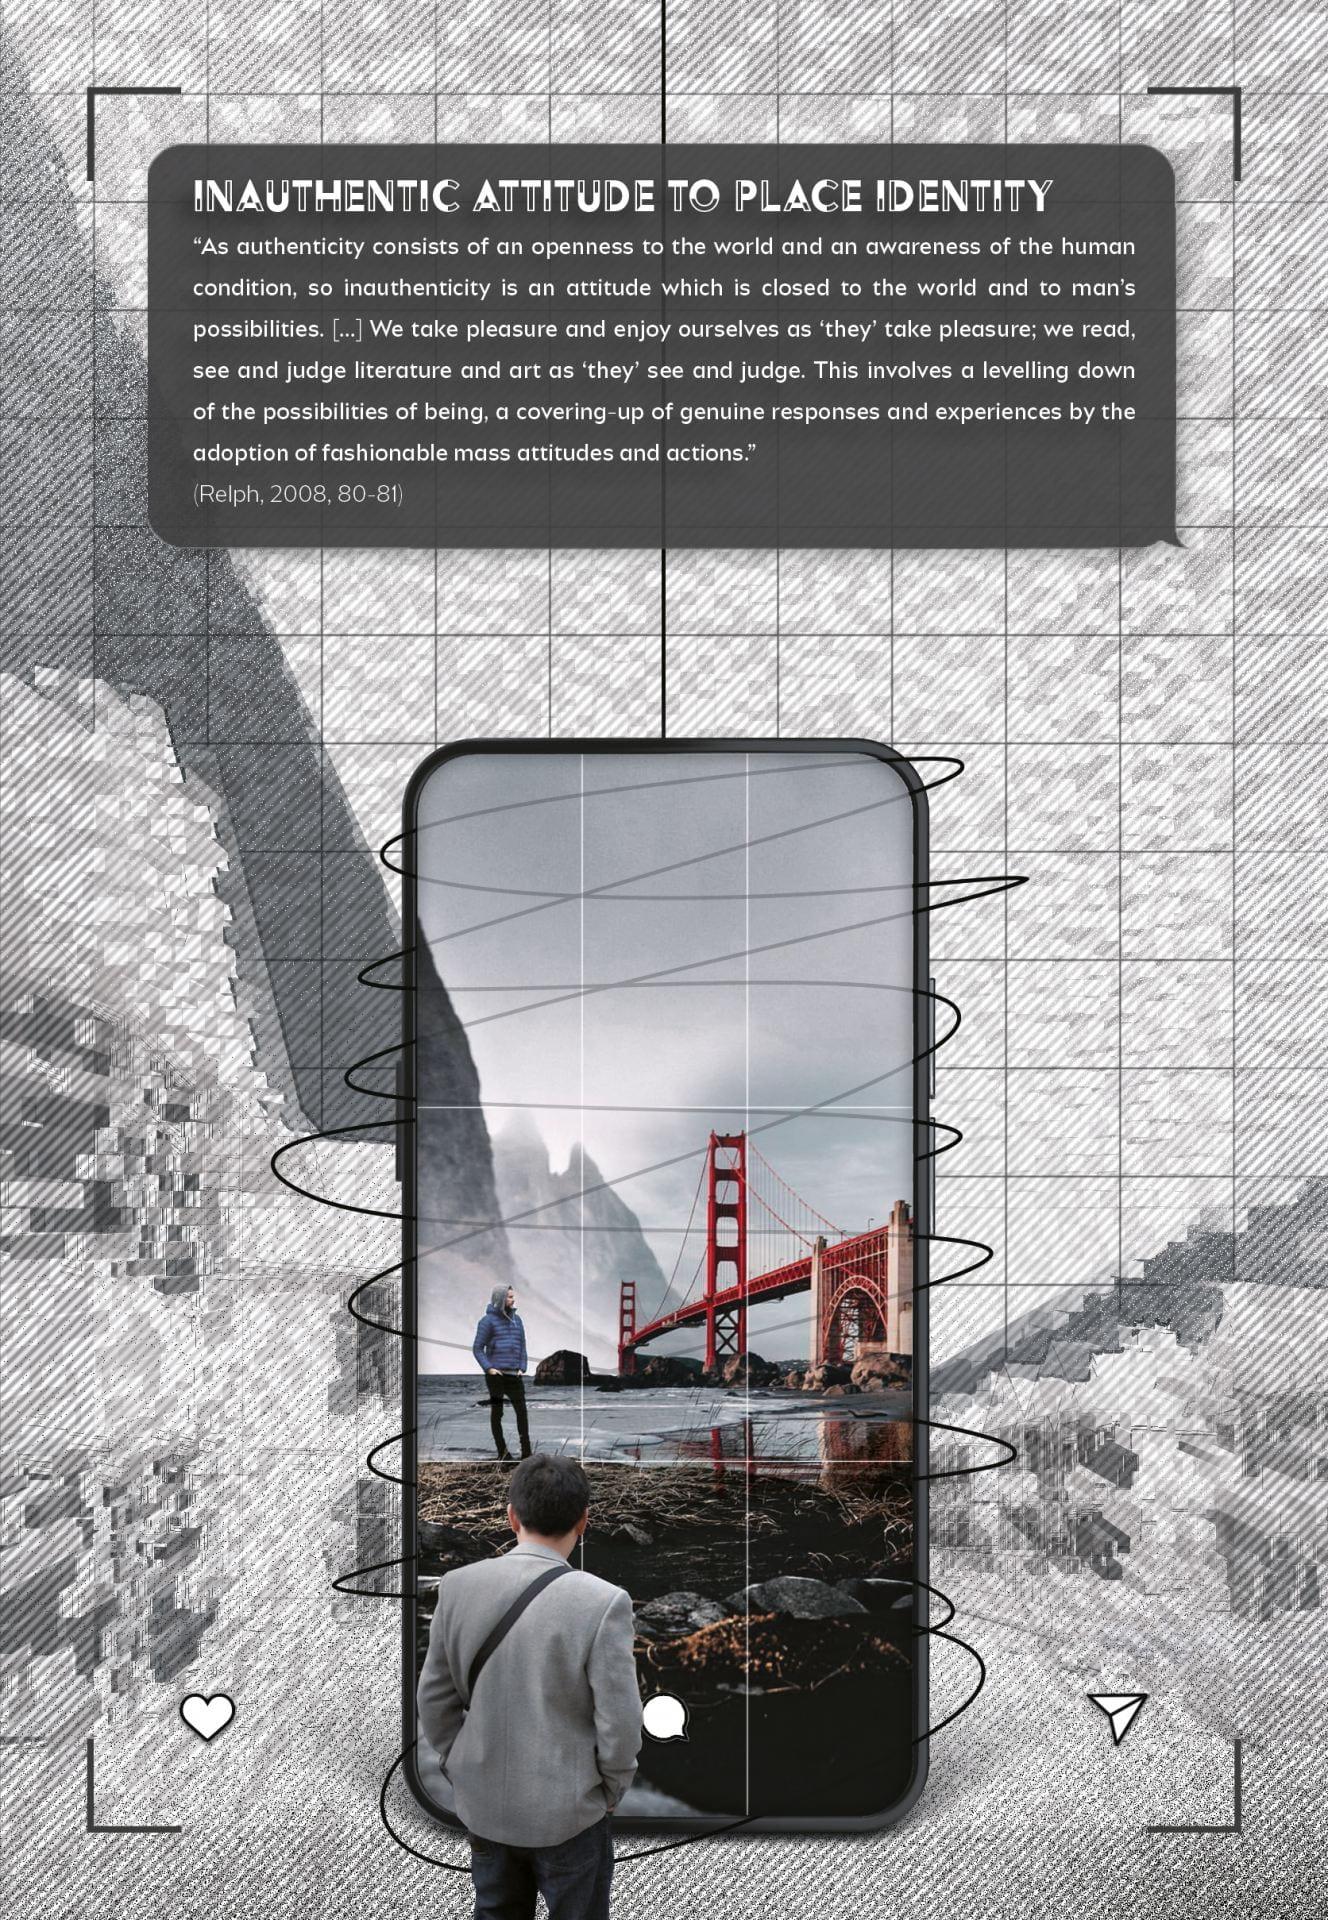 Concept of viewing a bridge through a phone.